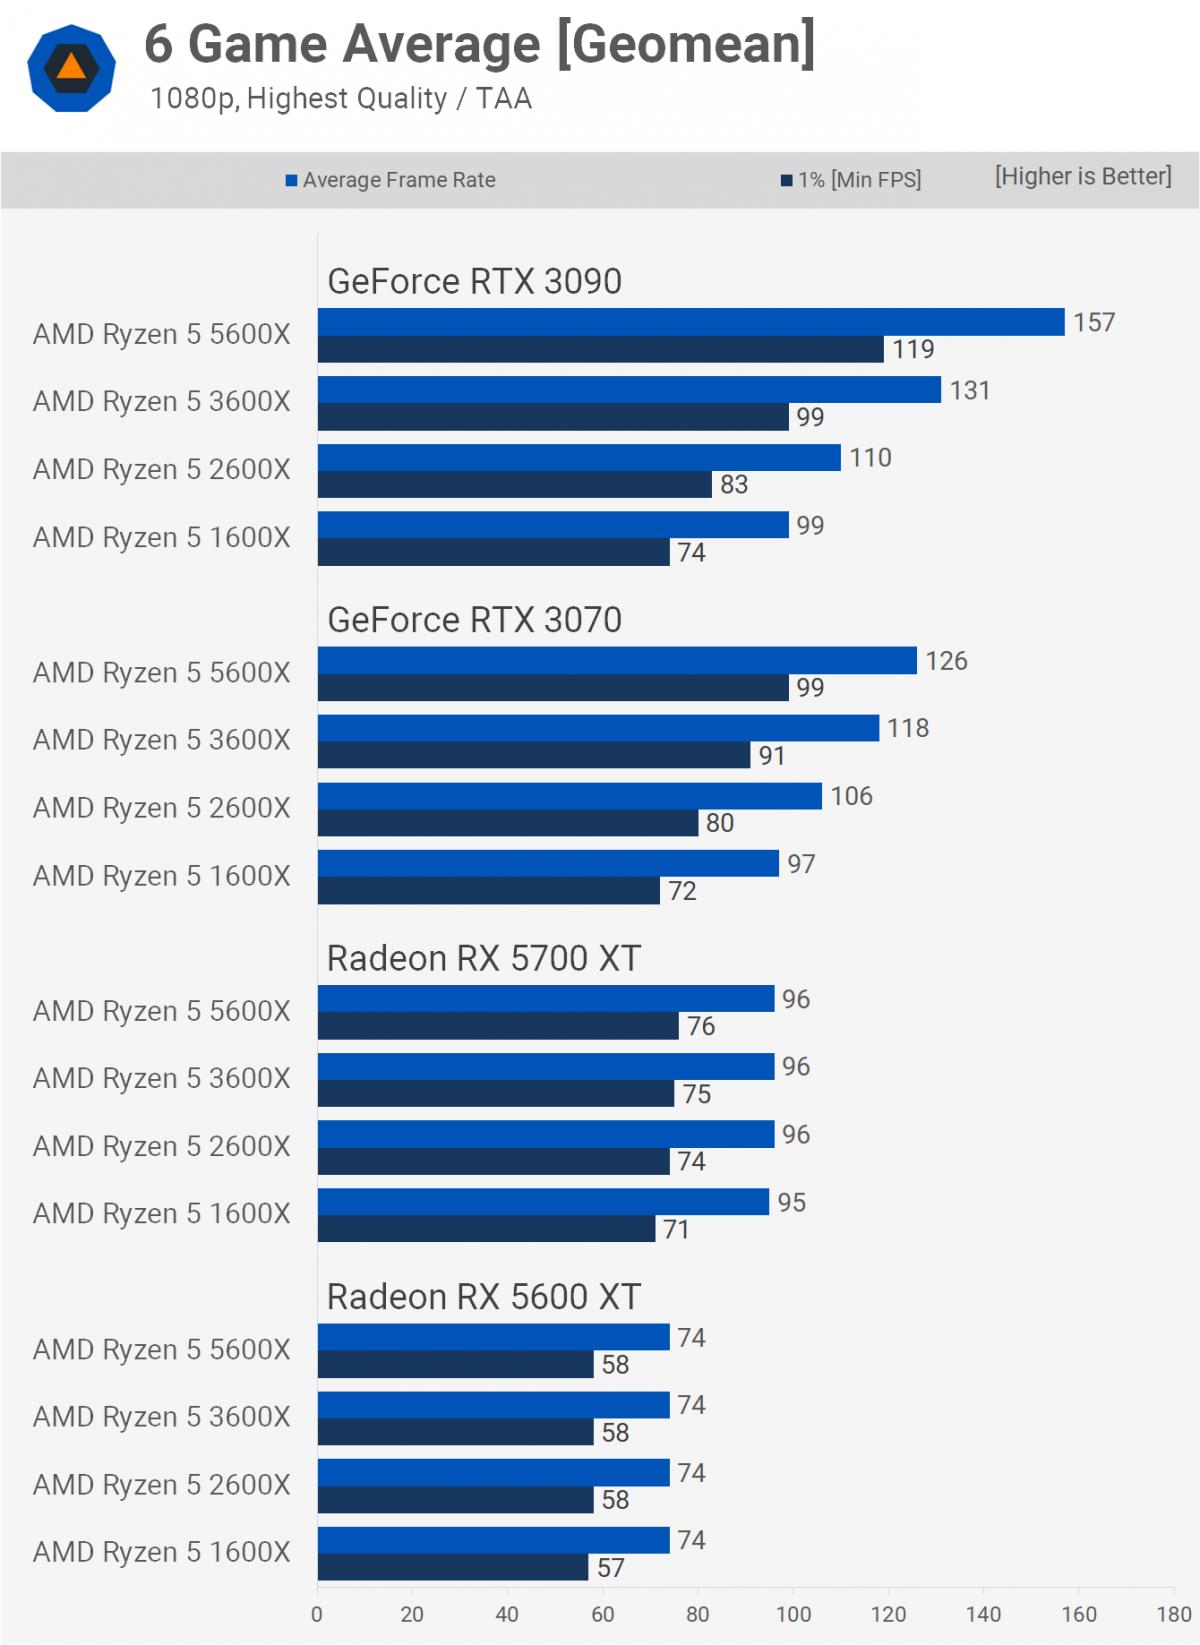 Производительность четырёх поколений процессоров AMD Ryzen 5 сравнили в играх